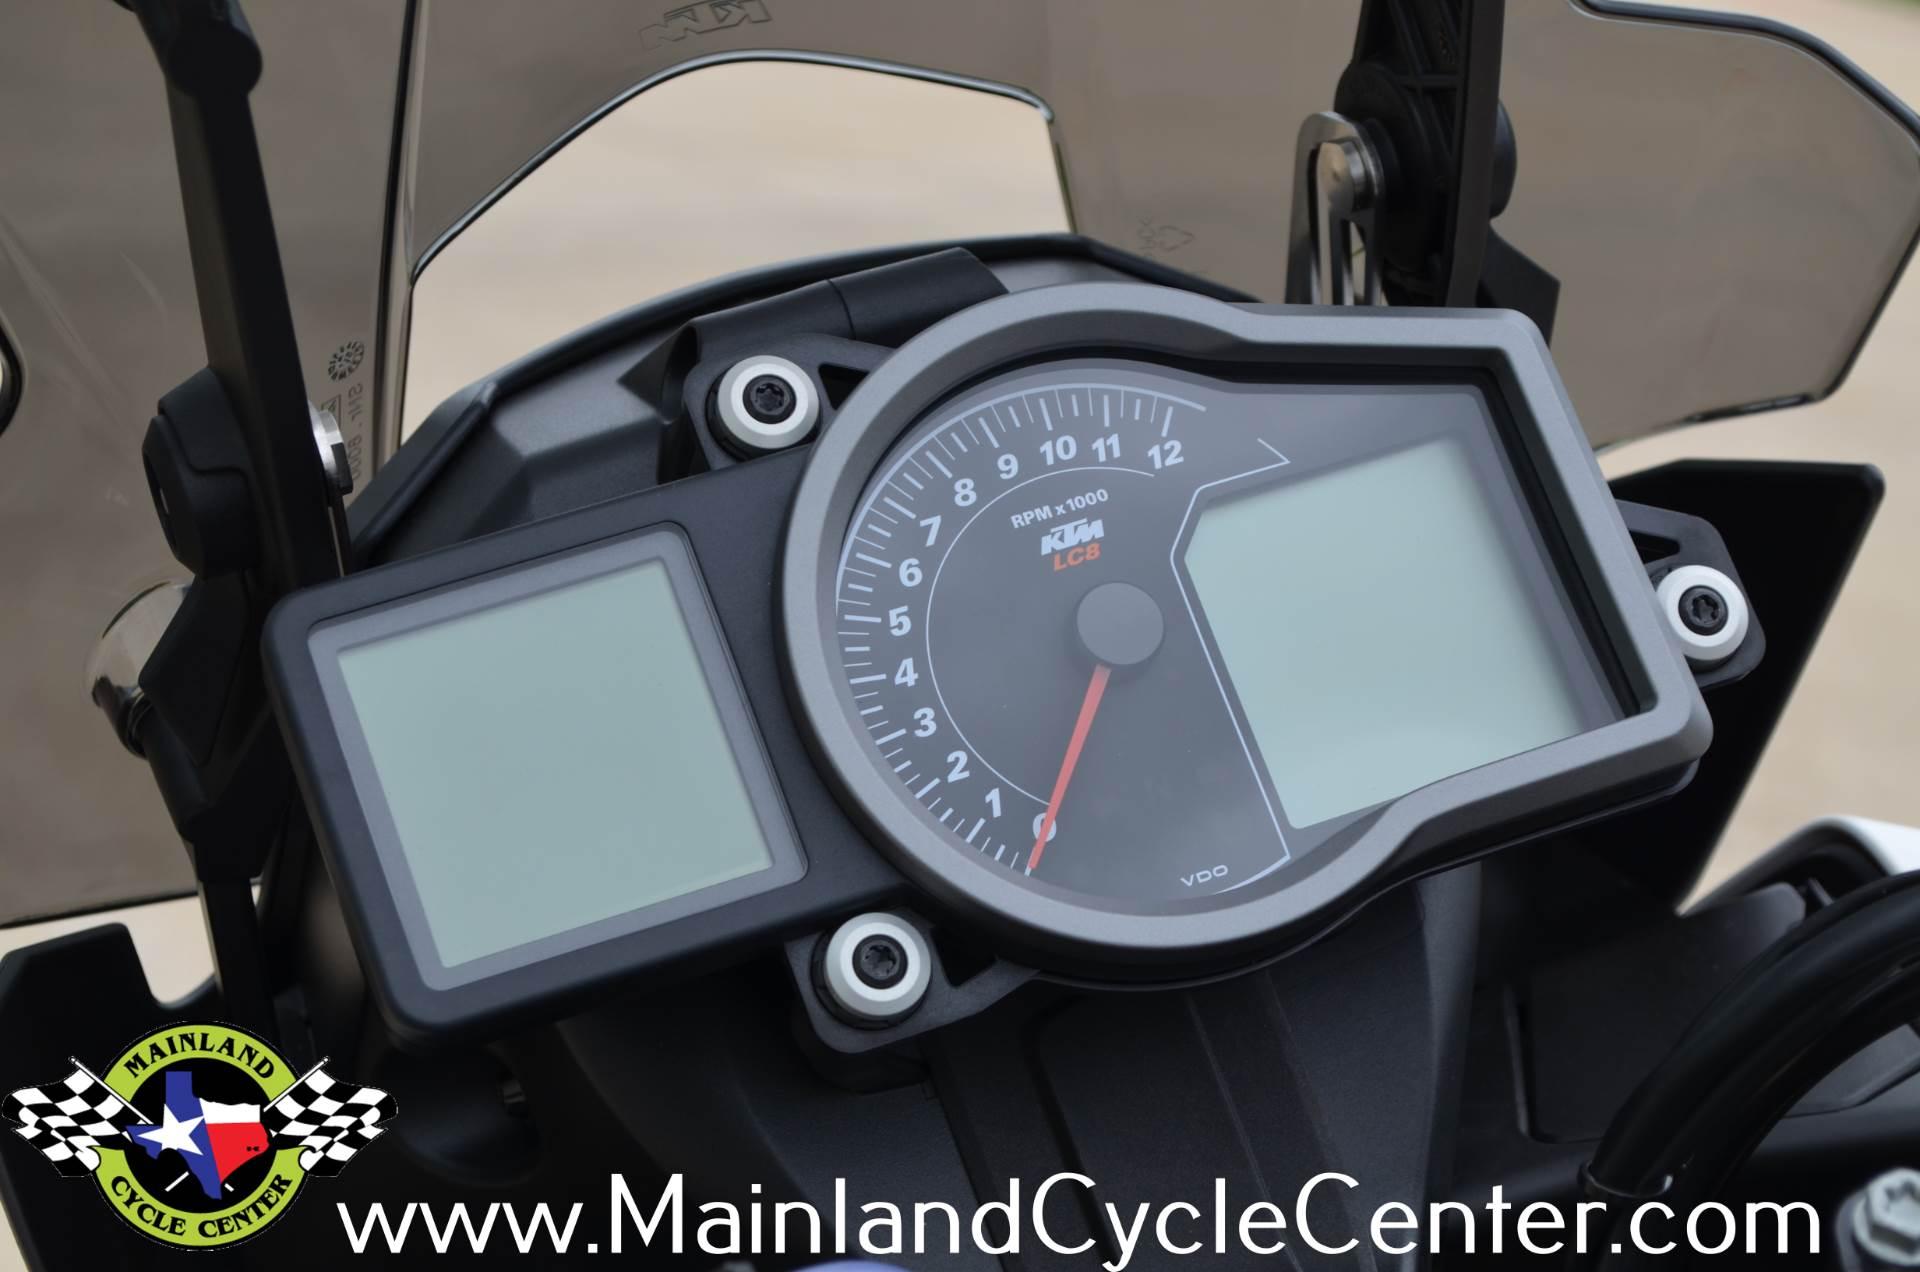 New 2018 Ktm 1090 Adventure R White Motorcycles In La Marque Tx Speedometer Assy Suzuki Spin 125 Texas